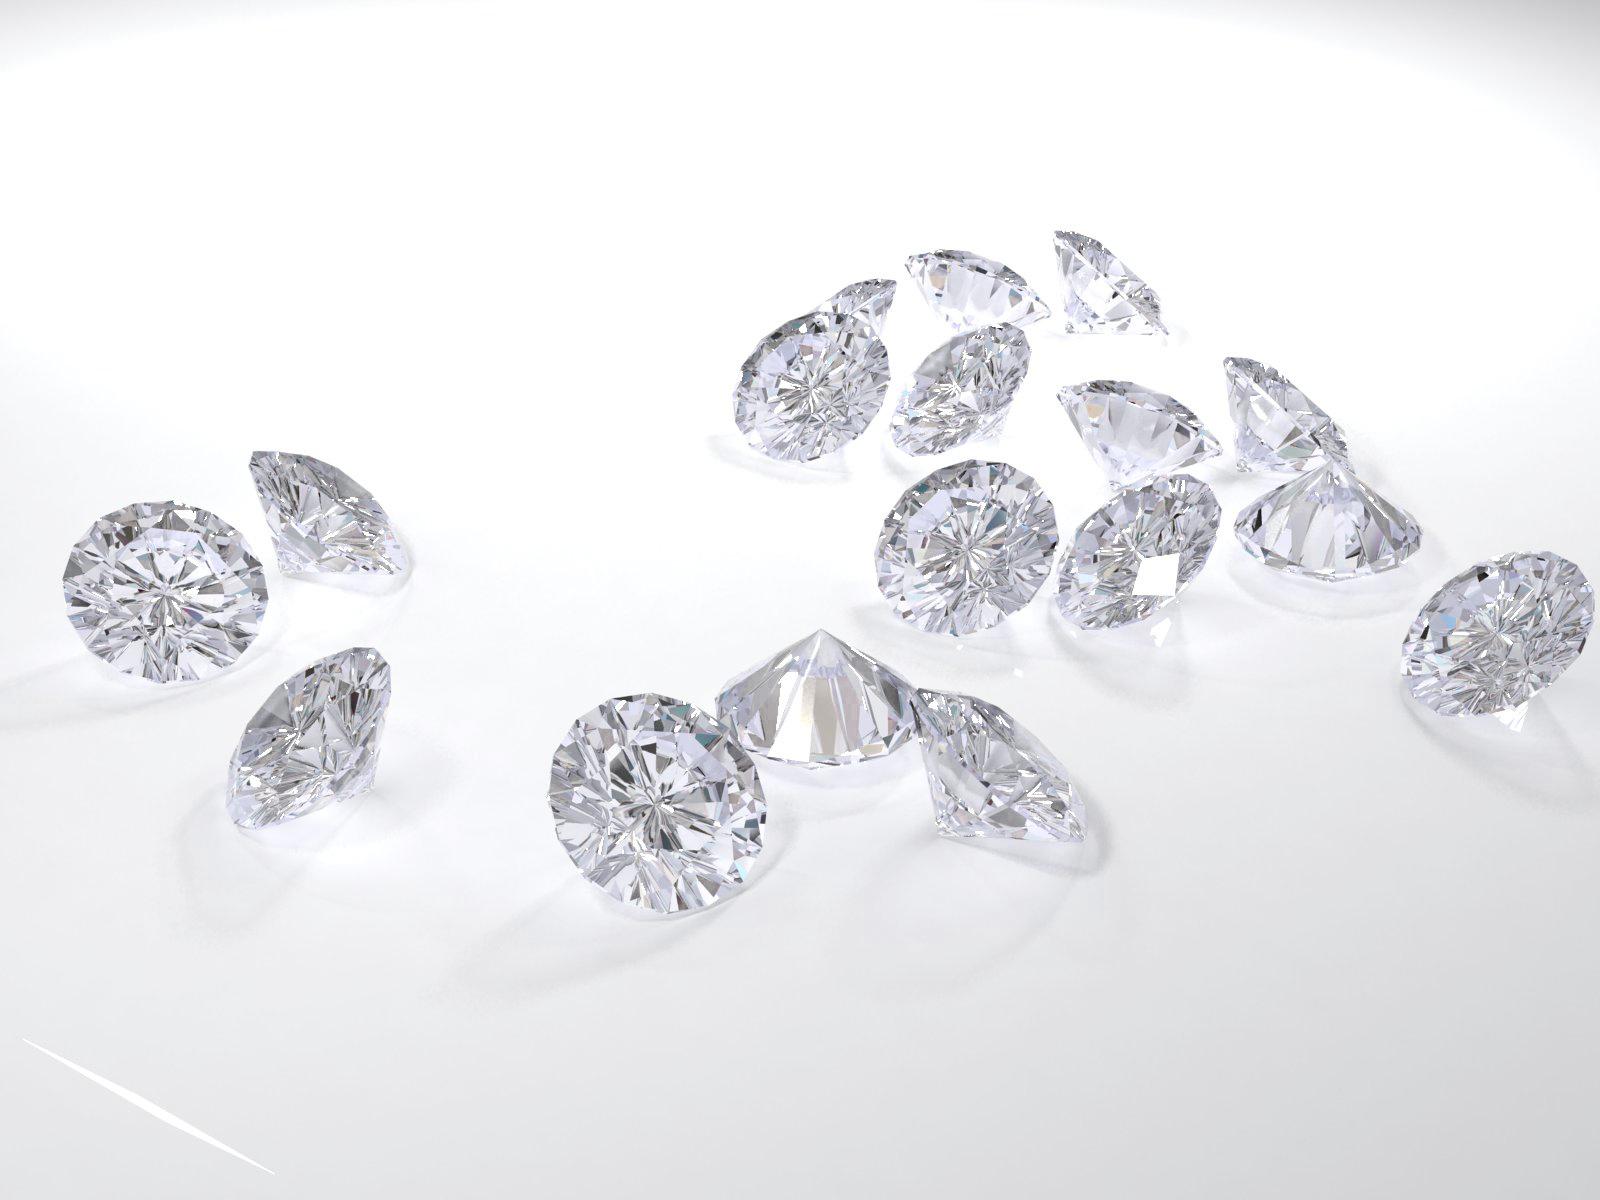 Buy Loose Diamonds Uk